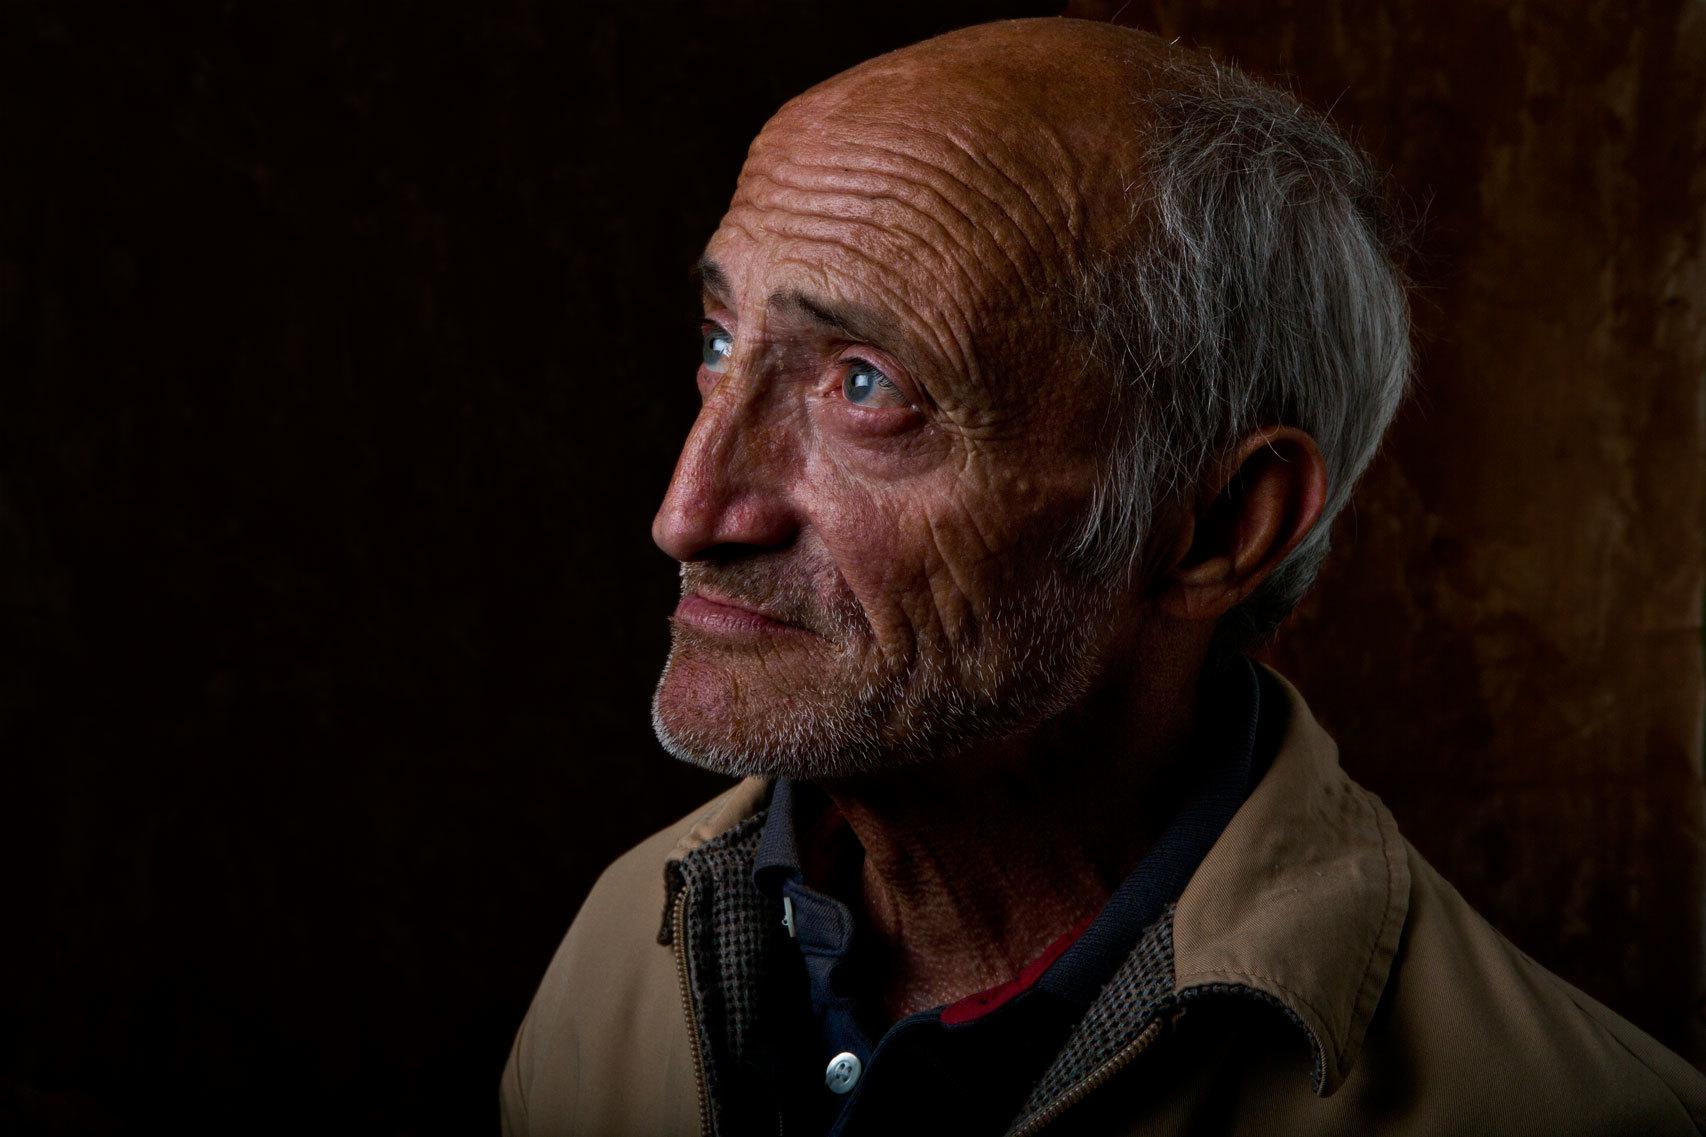 Antonio se quedó sin varios dientes tras una paliza.